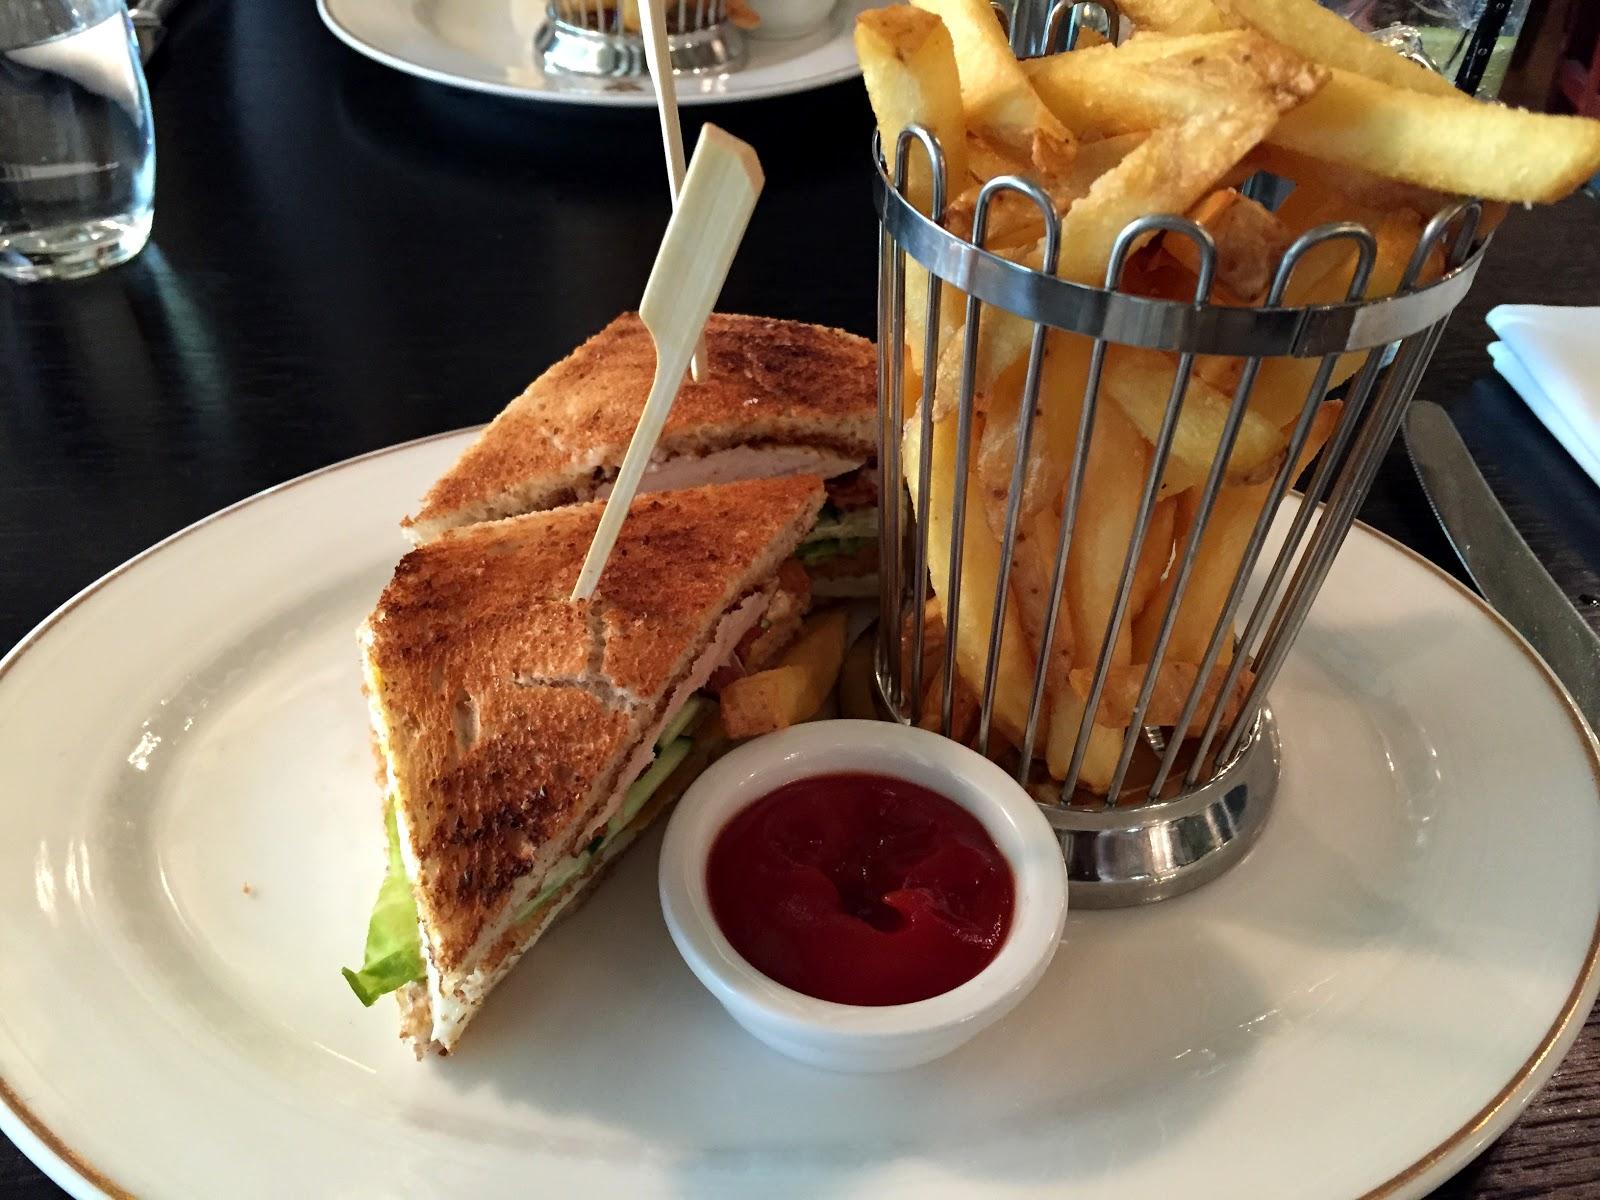 kamp helsinki, kamp restaurant helsinki, club sandwich helsinki, where to eat helsinki